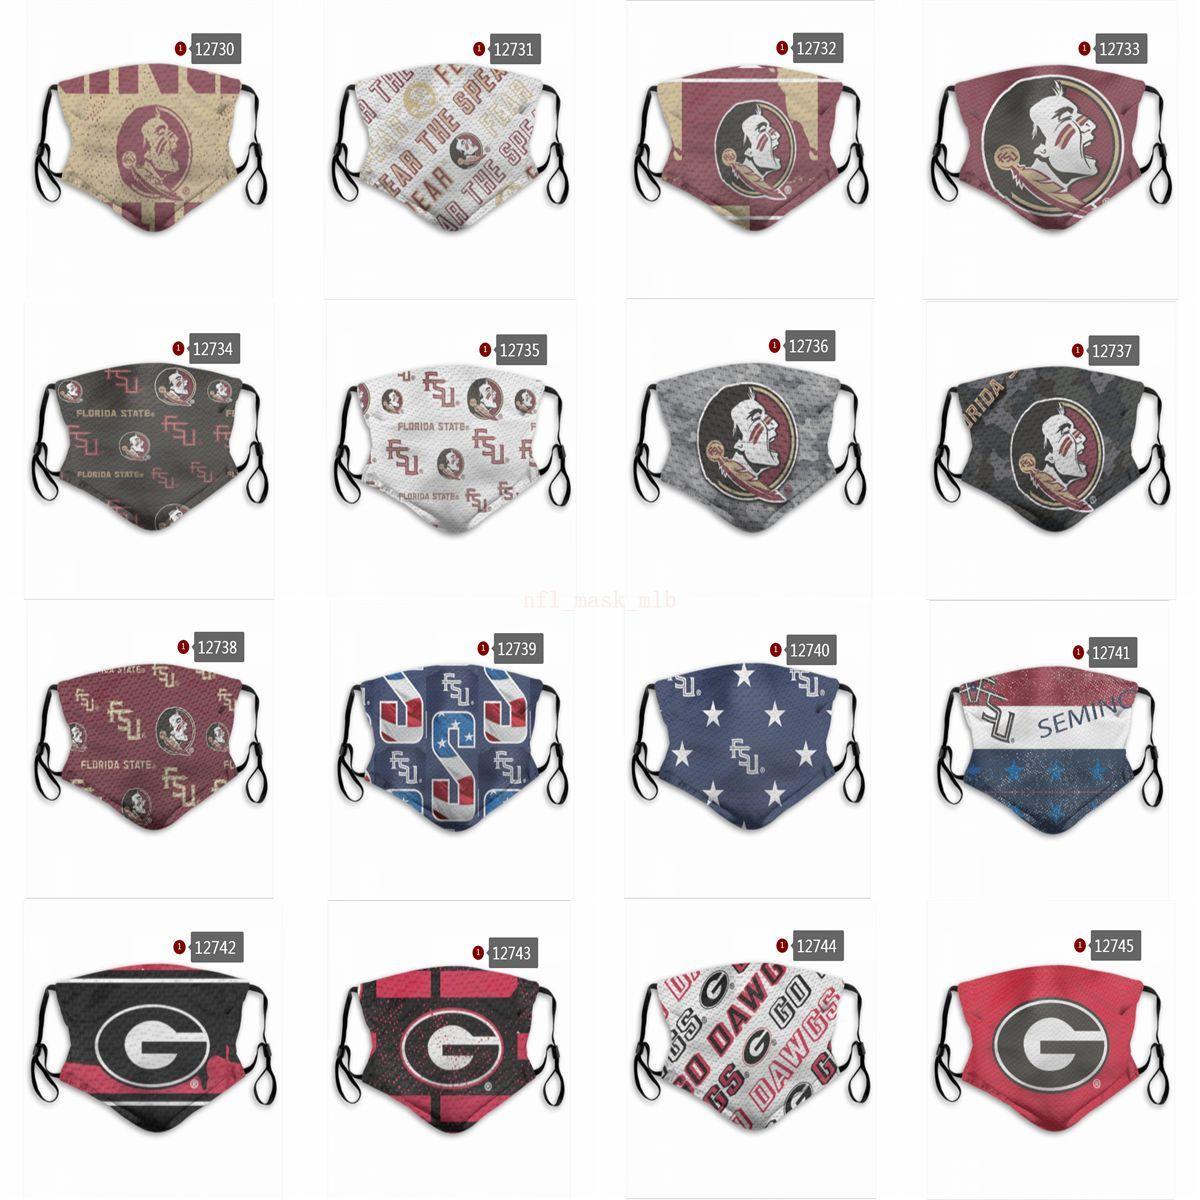 2020 HOT COLLEGE Vente Football Équipe Football Masque Designer Masque réutilisable Masques de mode Masques d'usine peut être des commandes mixtes